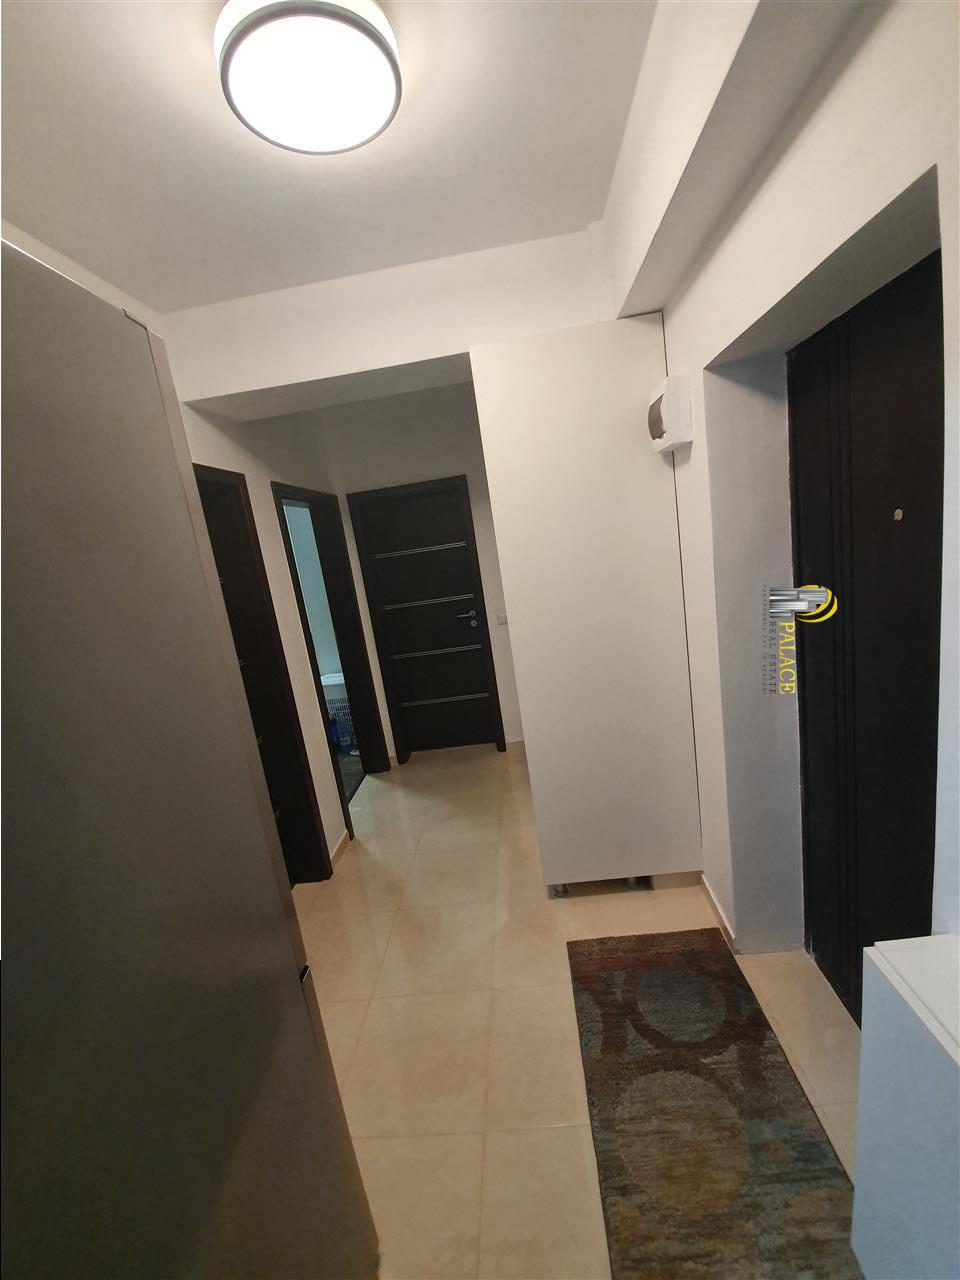 De vanzare, Apartament 2 camere,46,65mp, Complet mobilat, Mutare Imediata